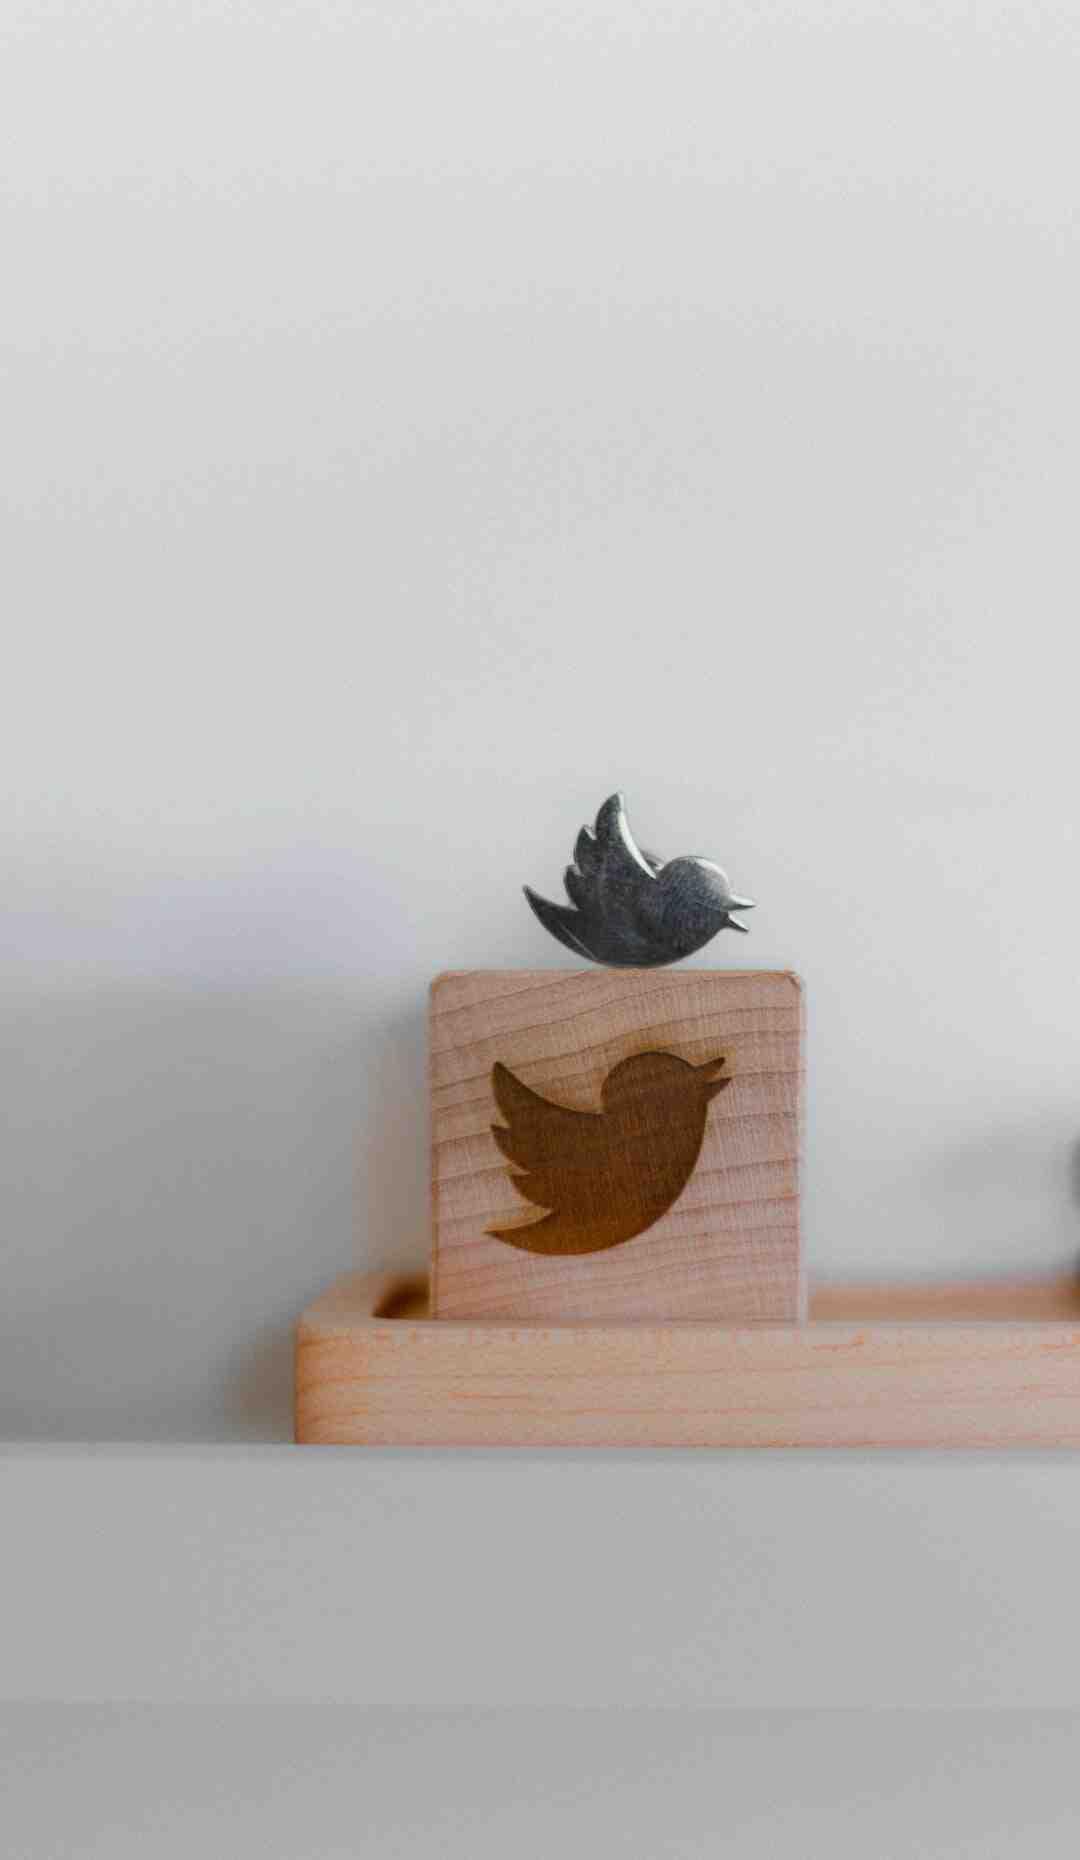 Comment faire pour avoir plus d'abonnés sur Twitter ?